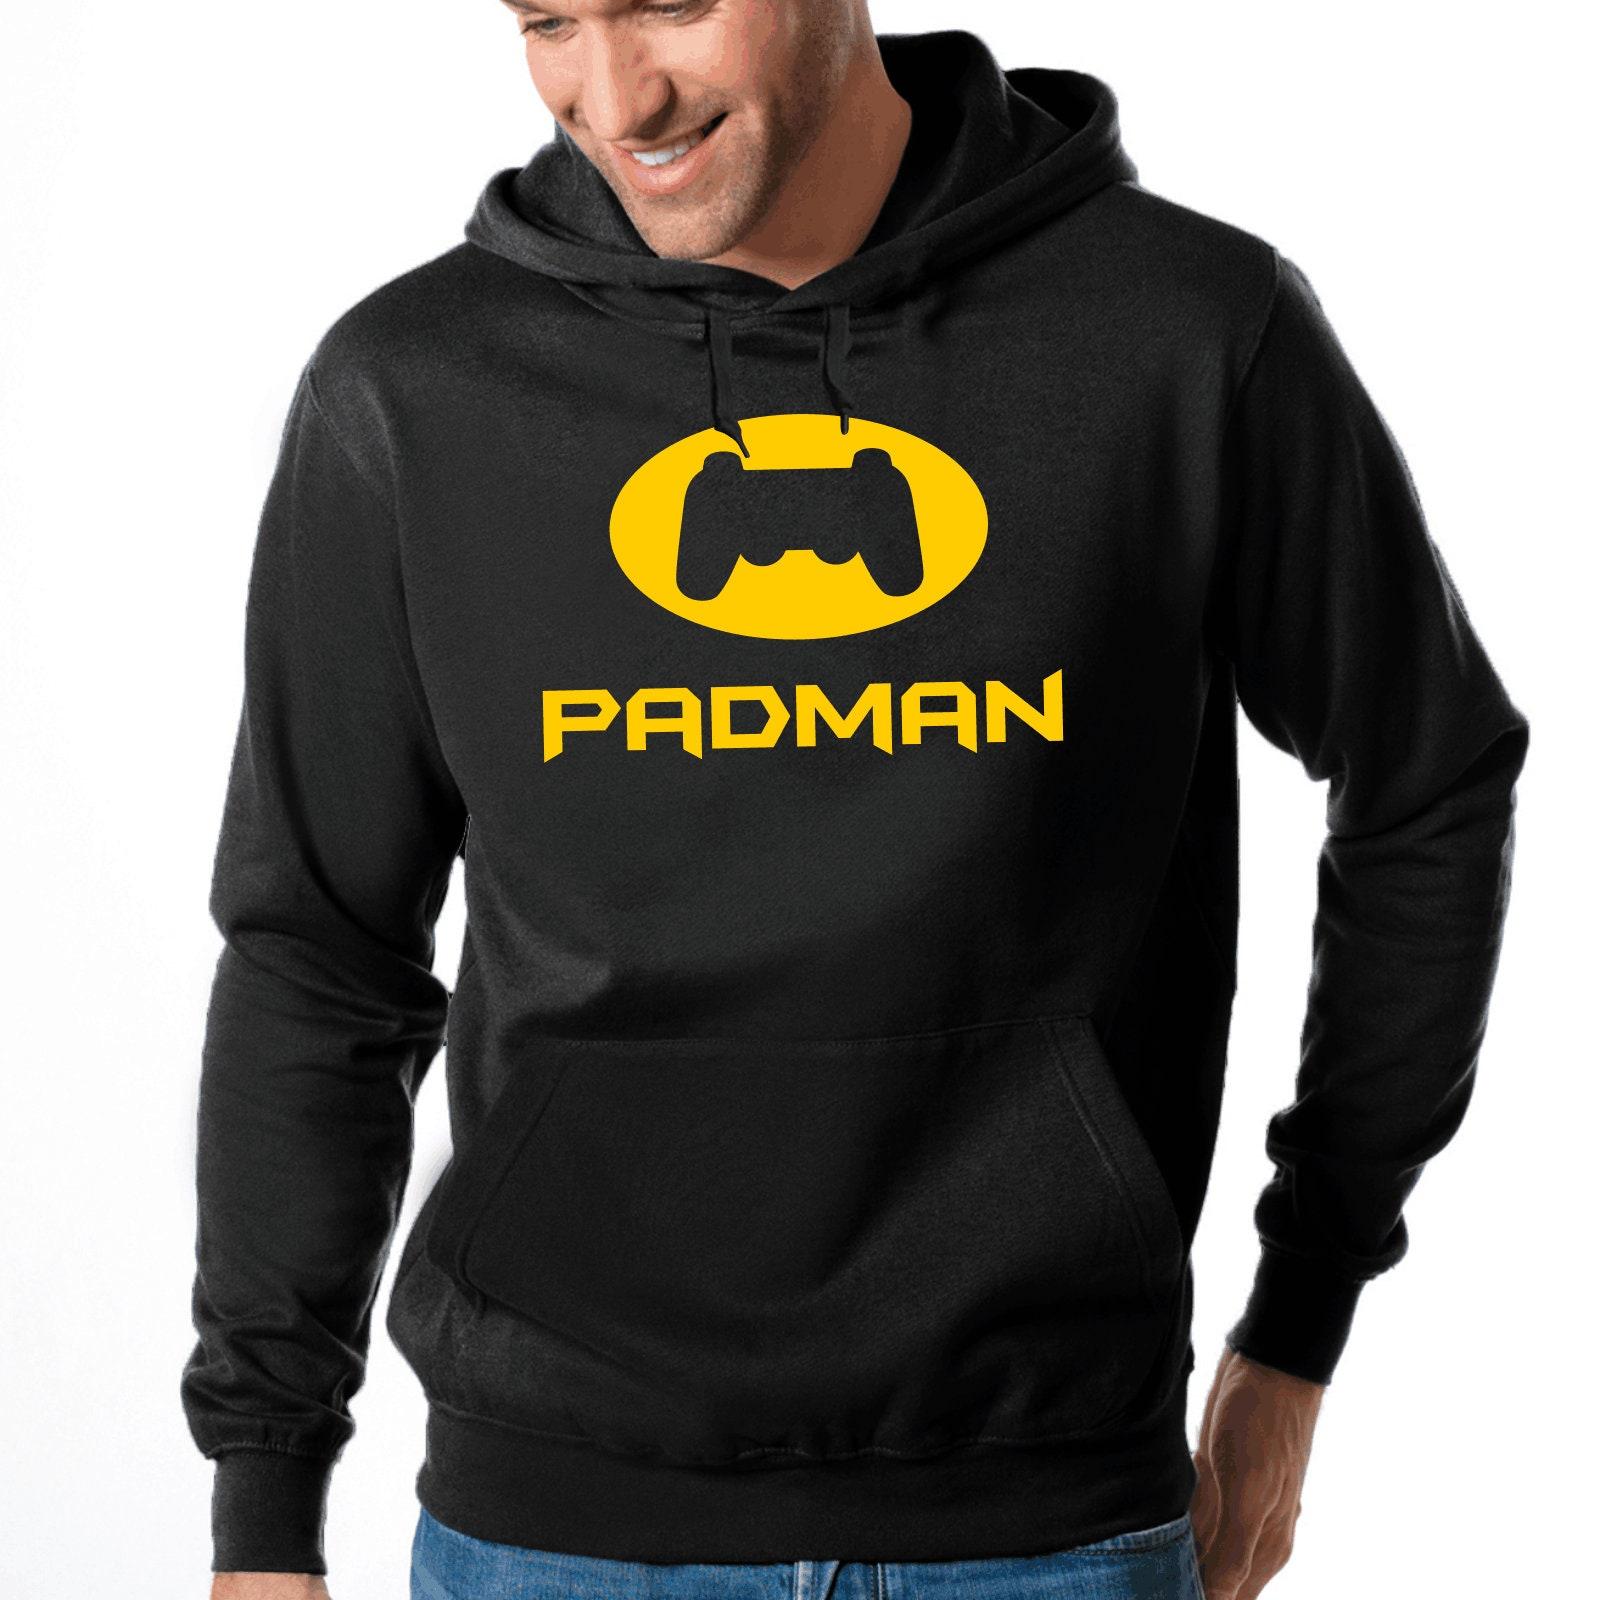 Paradis | Pad Pad | d'homme | Geek | Manette de jeu | Nerd | Gamer | Bande dessinée | Hero | Hero | Super-héros | Hooded Sweatshirt | Chandail à capuchon | Sweat à capuche 5713da